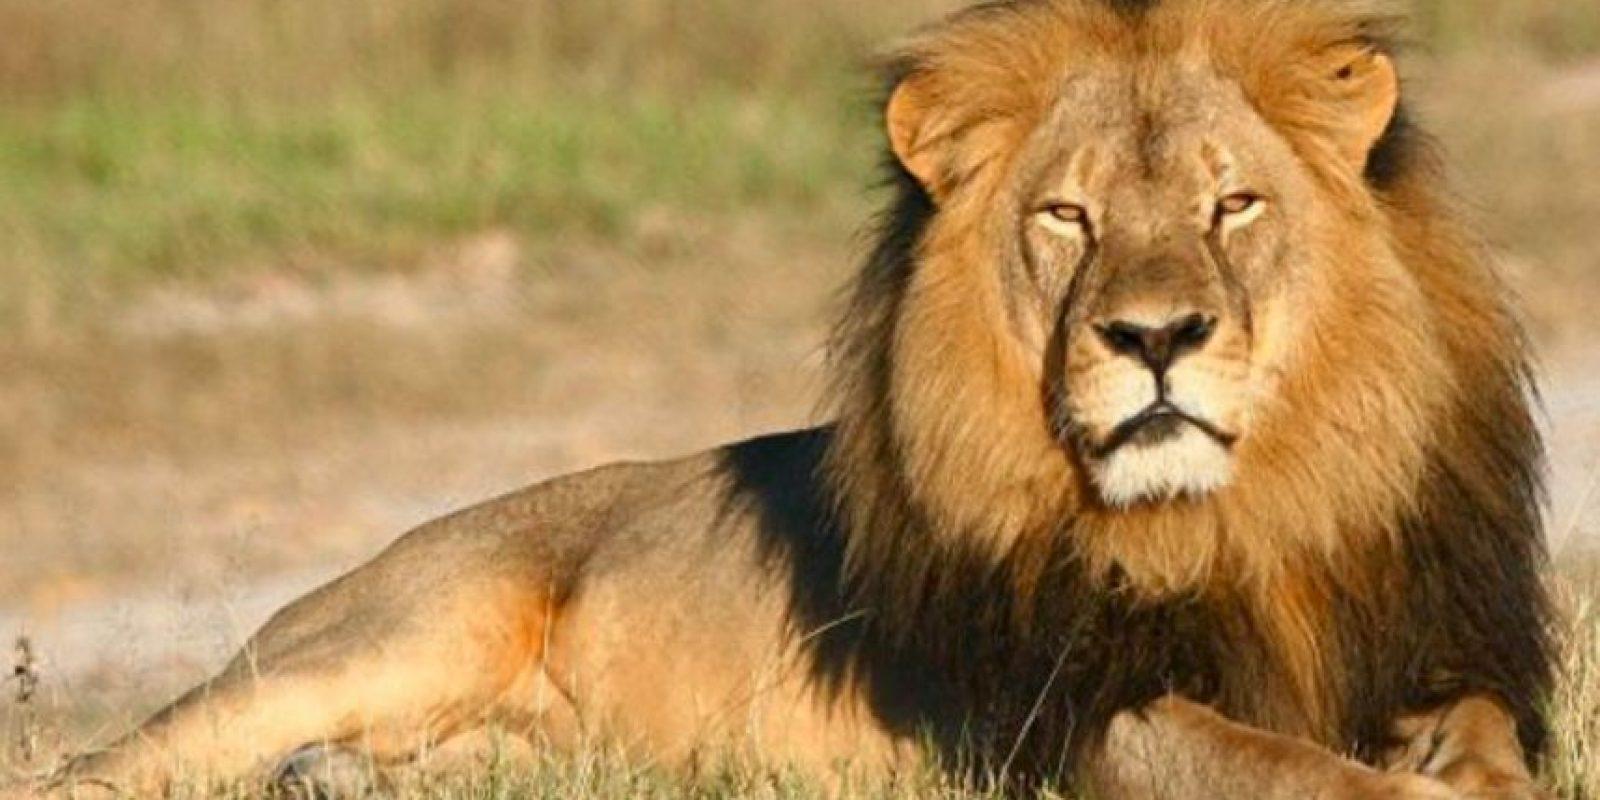 Los dos leones, macho y hembra, tuvieron que ser sacrificados. Foto:vía Getty Images